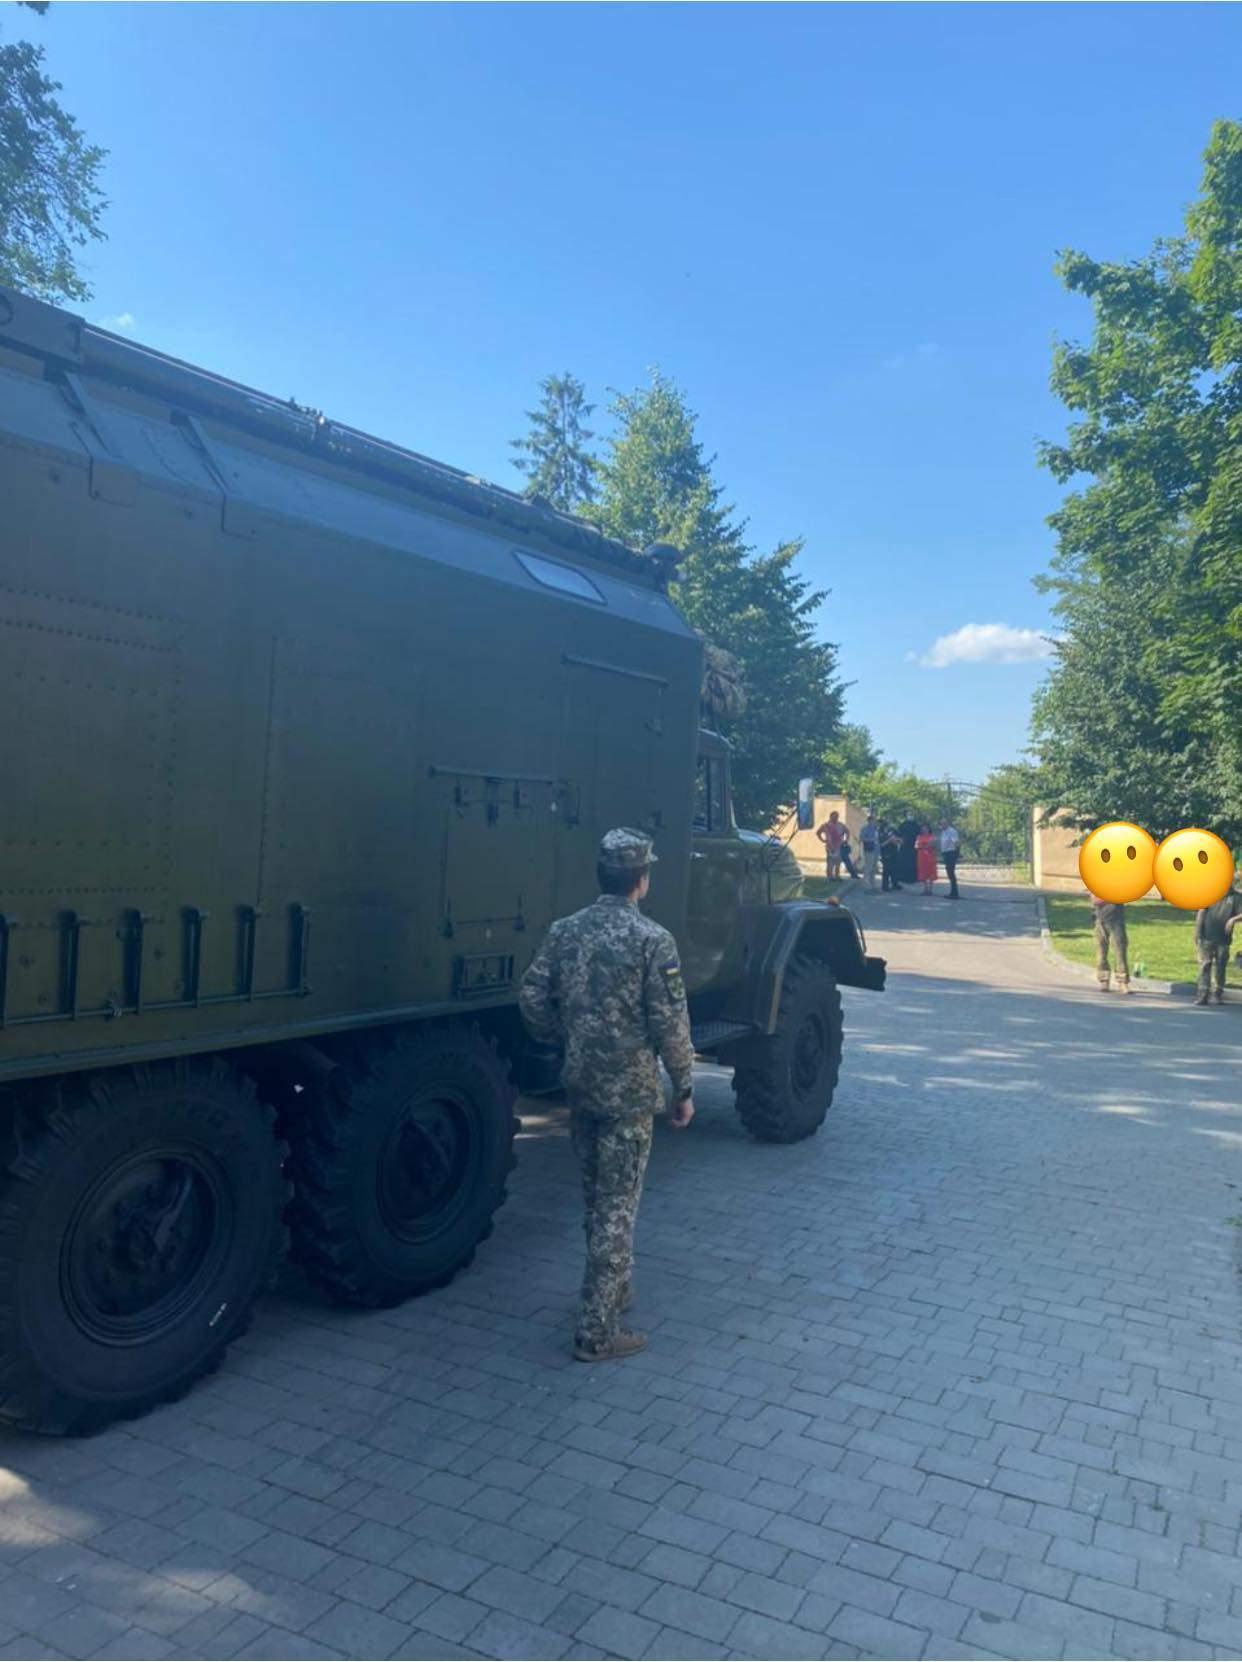 Проїхала військова техніка: УГКЦ заявила про рейдерське захоплення Митрополичих садів у Львові